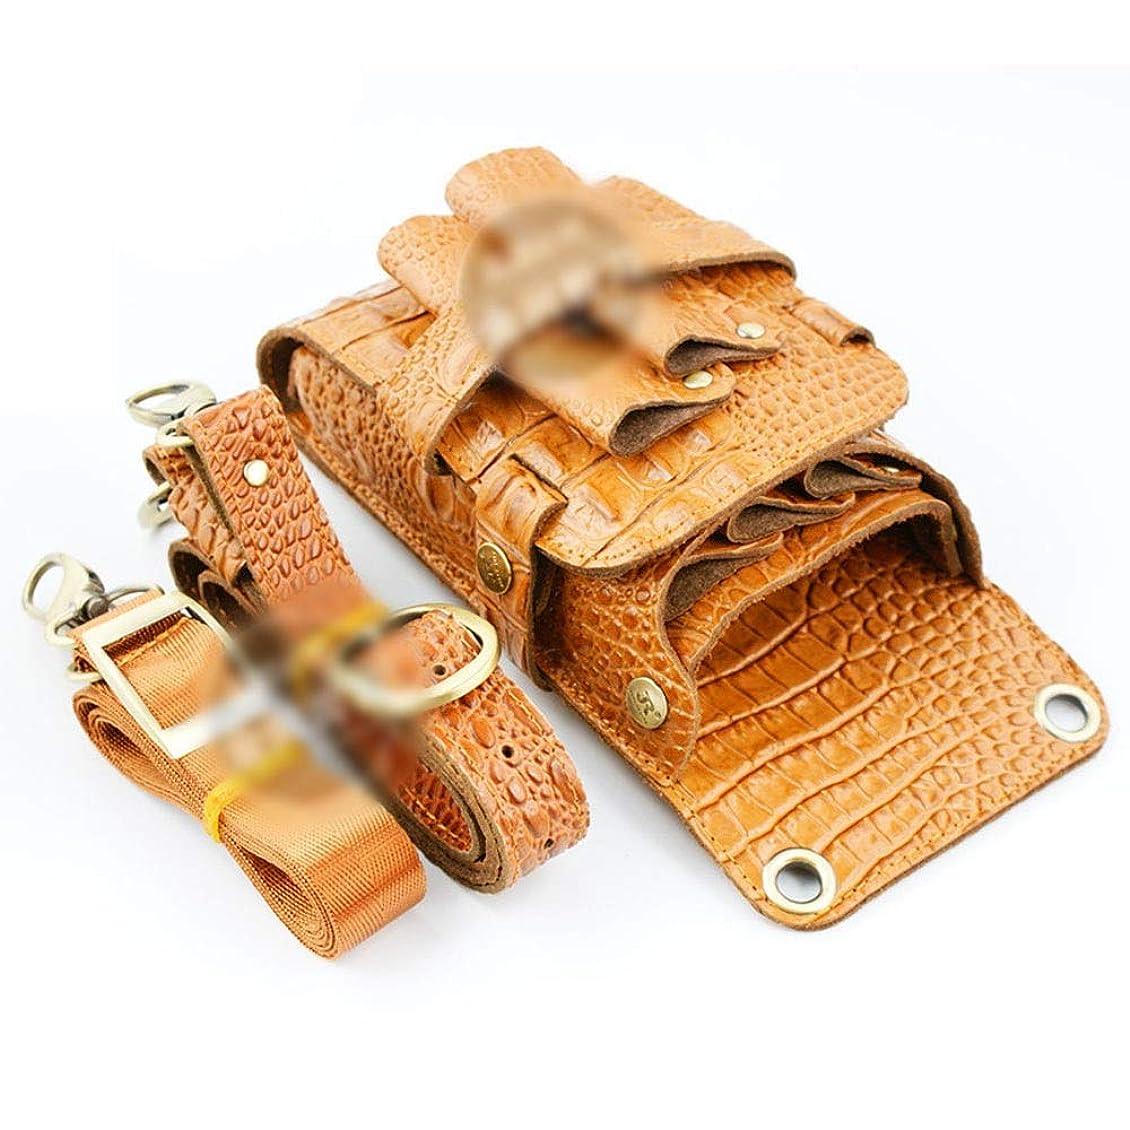 鋸歯状掻く廃棄Xingfuzhijia 革のはさみバッグ、サロンヘアスタイリストのためのワニパターン理髪ツール収納袋 (色 : イエロー)